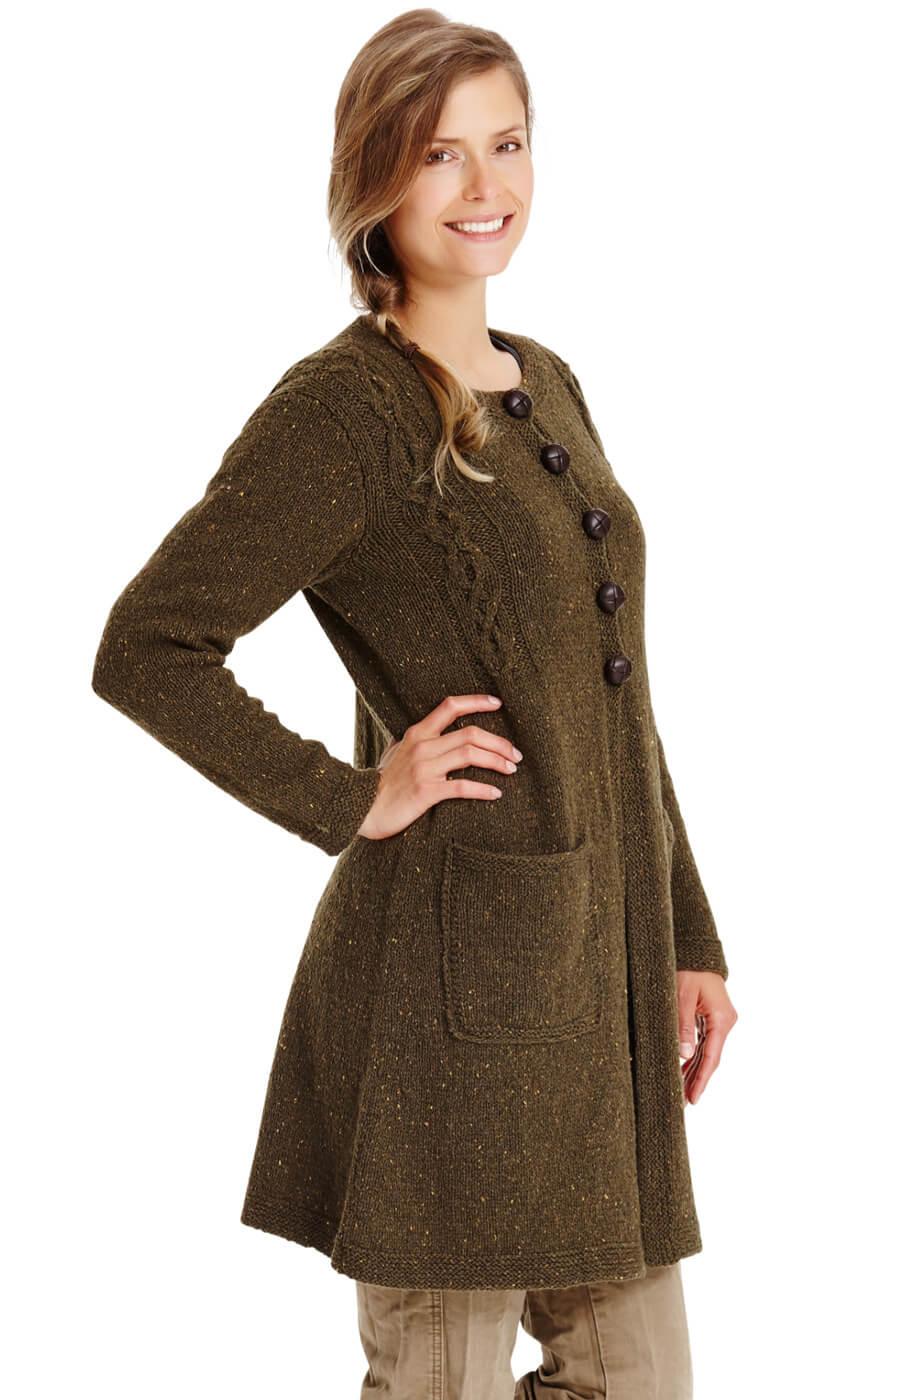 Lange Strick-Jacke mit Zöpfen und Taschen